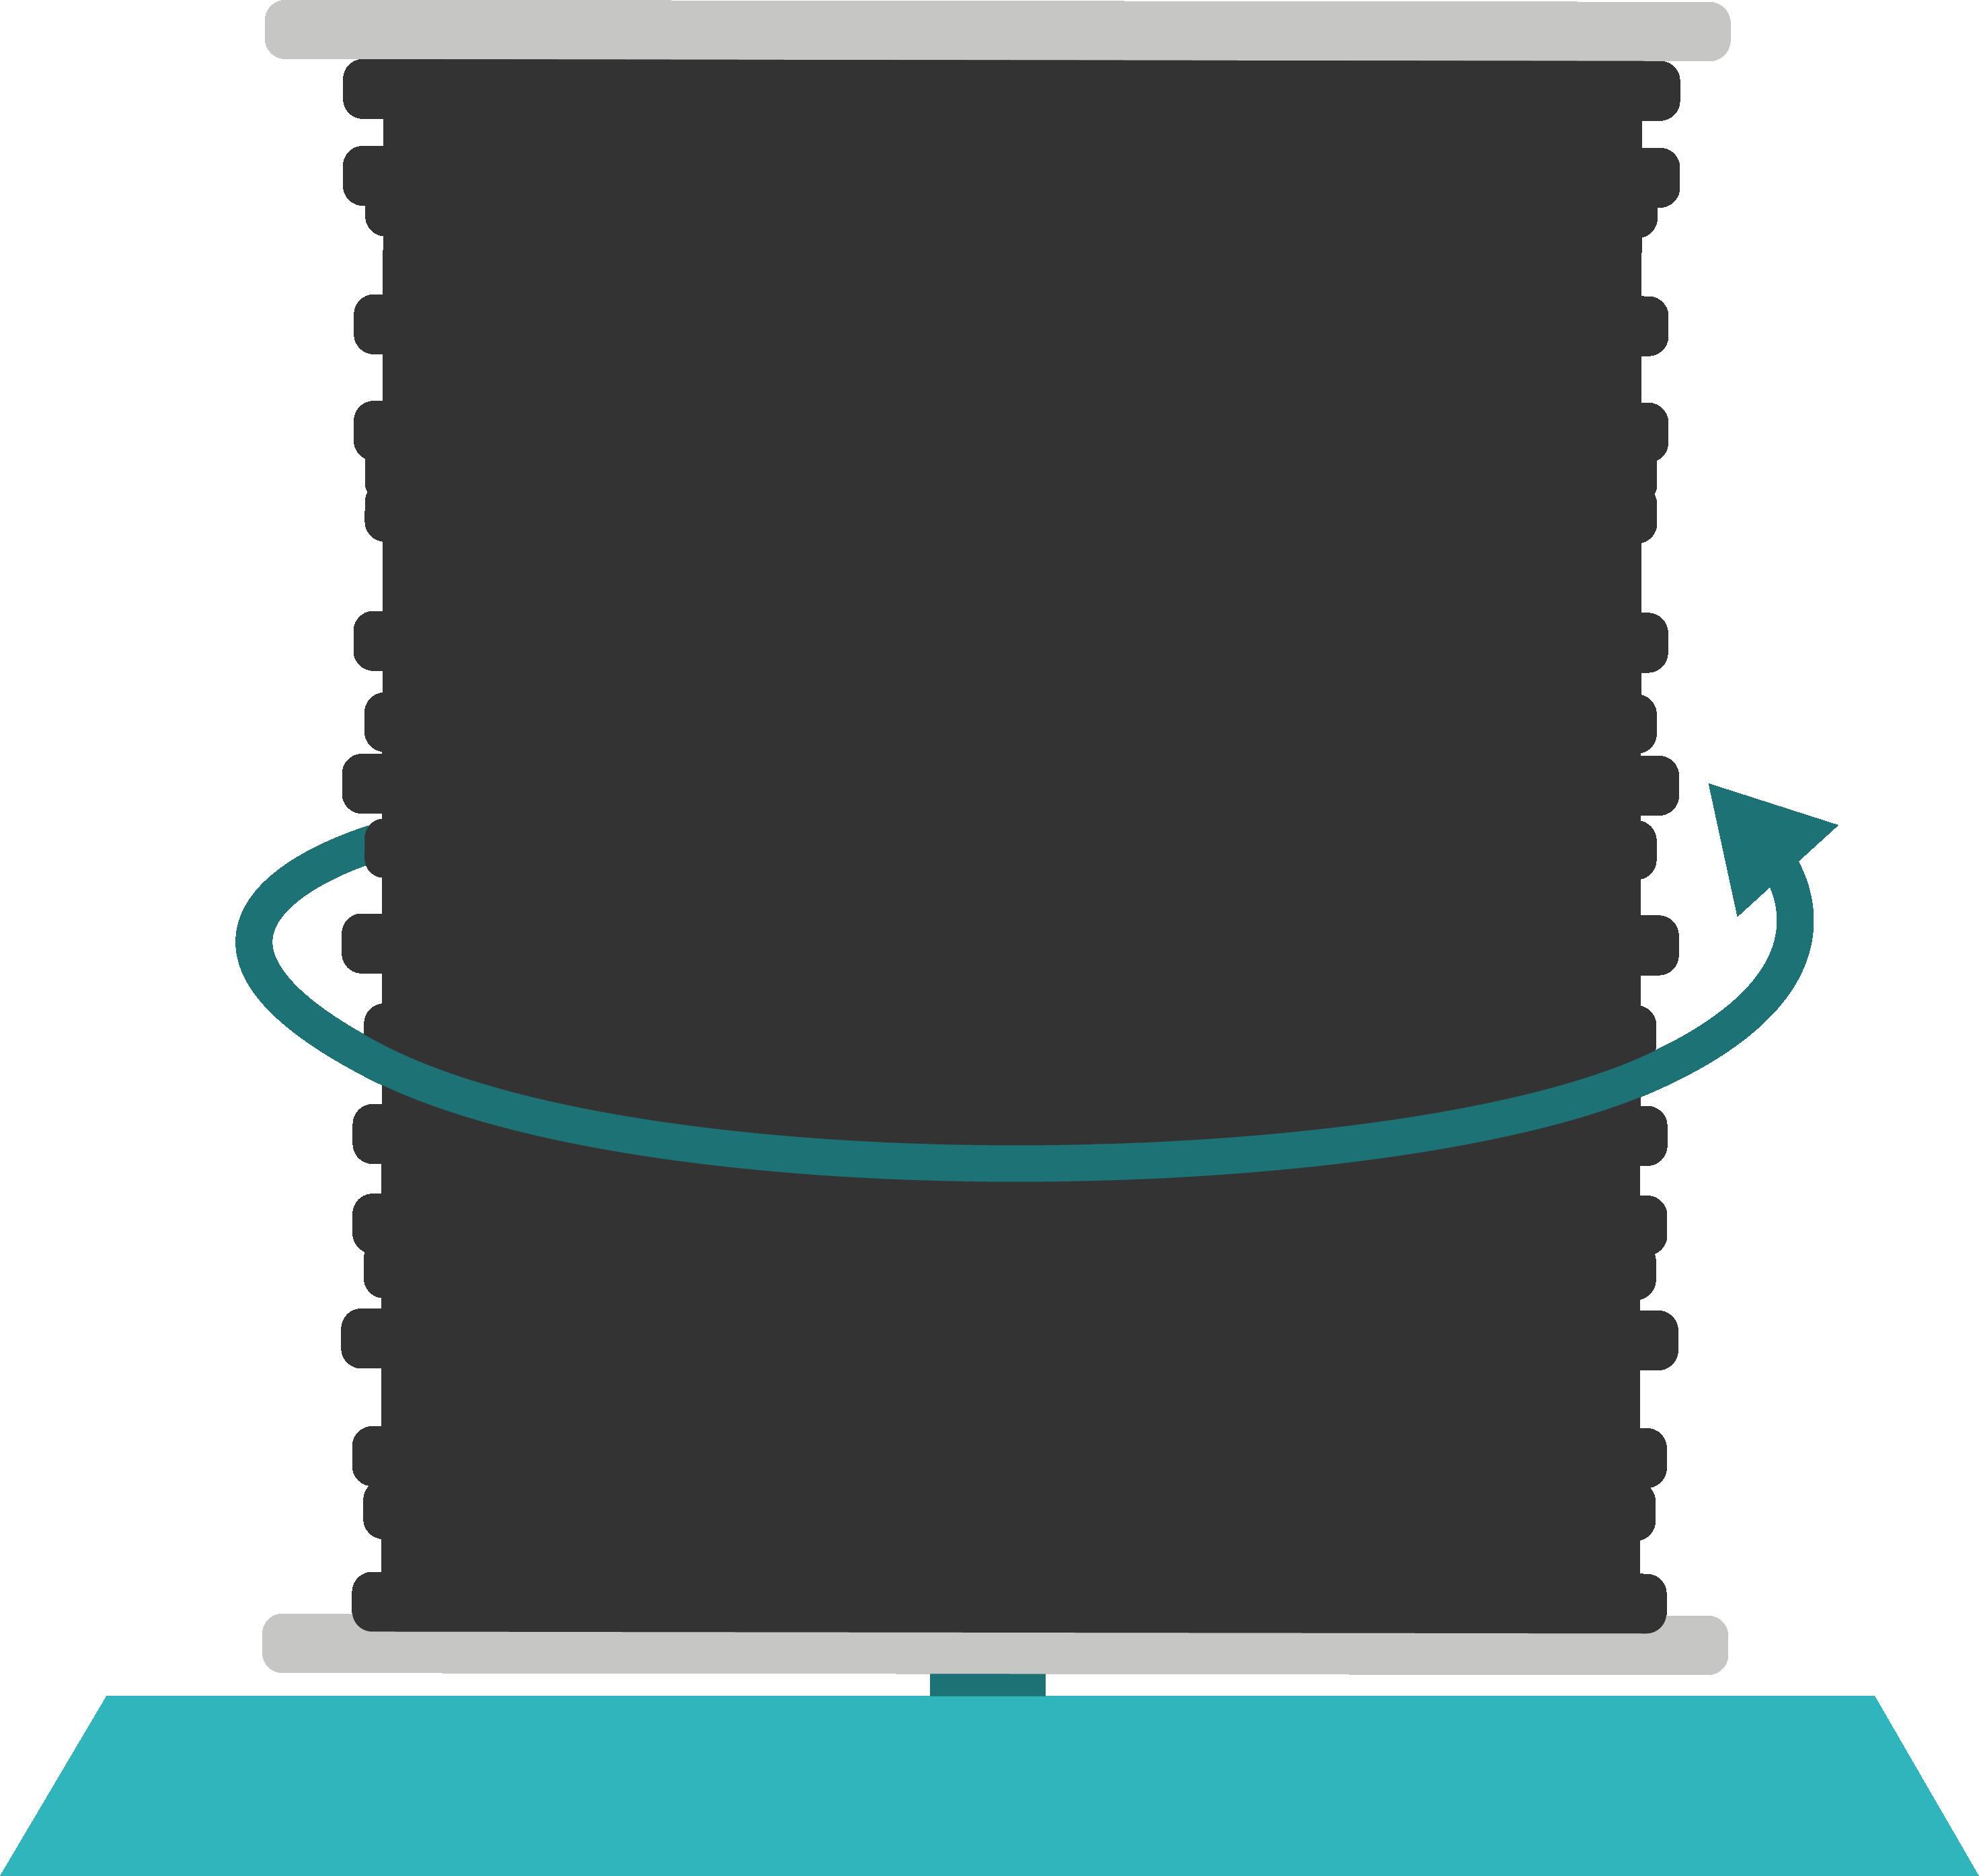 schéma d'un dérouleur vertical pour le déroulage de câbles télécoms